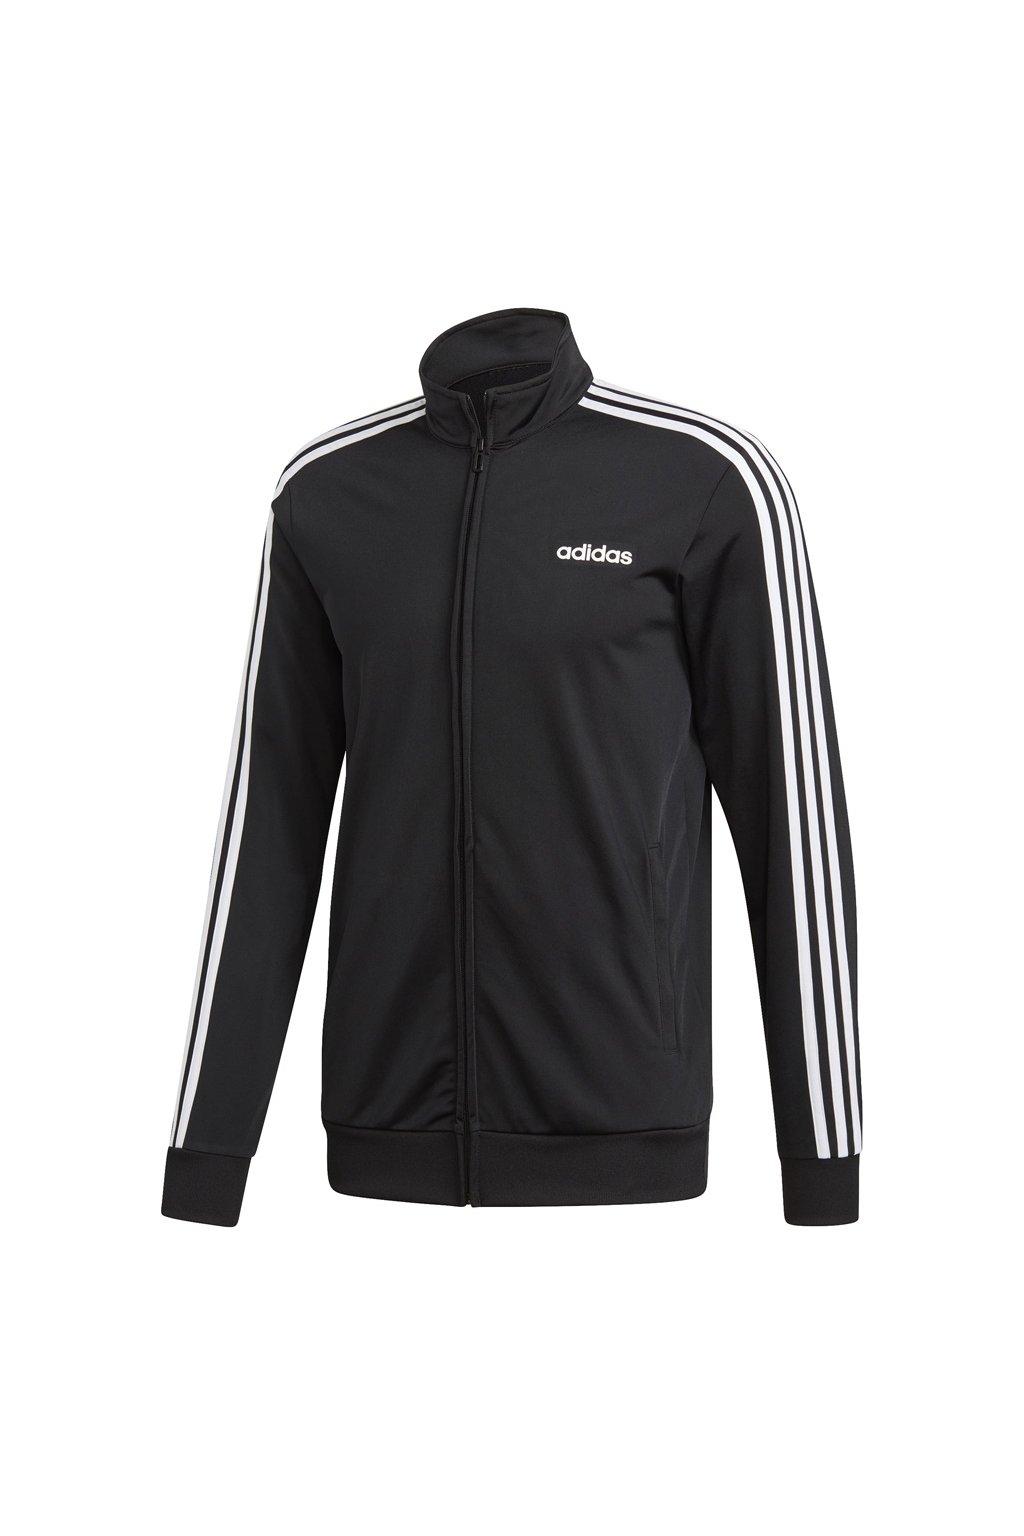 Pánska mikina Adidas Essentials 3 Stripes Tricot TT čierna DQ3070